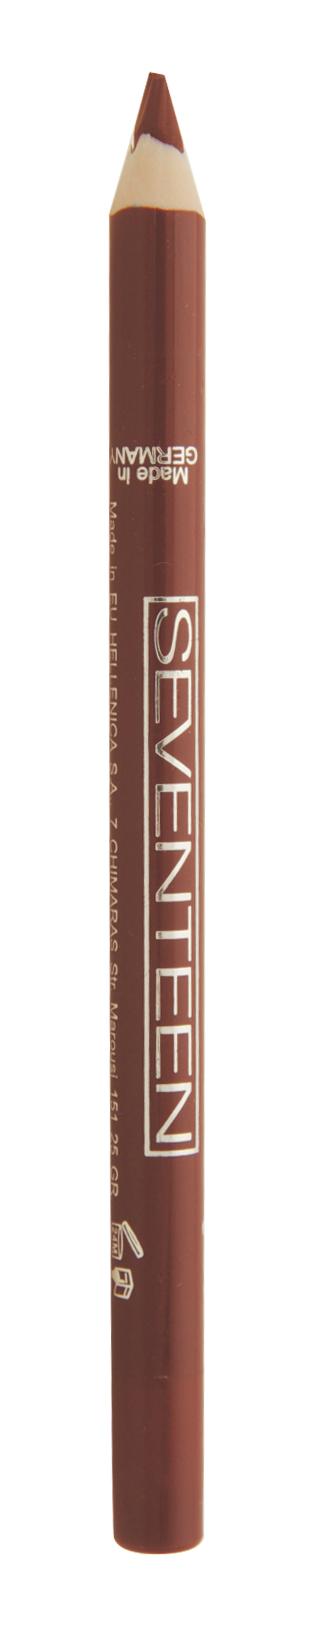 SEVENTEEN Карандаш водостойкий с витамином Е для губ, 01 натуральный бежевый / Super Smooth W/P Lip Liner 1,2 г